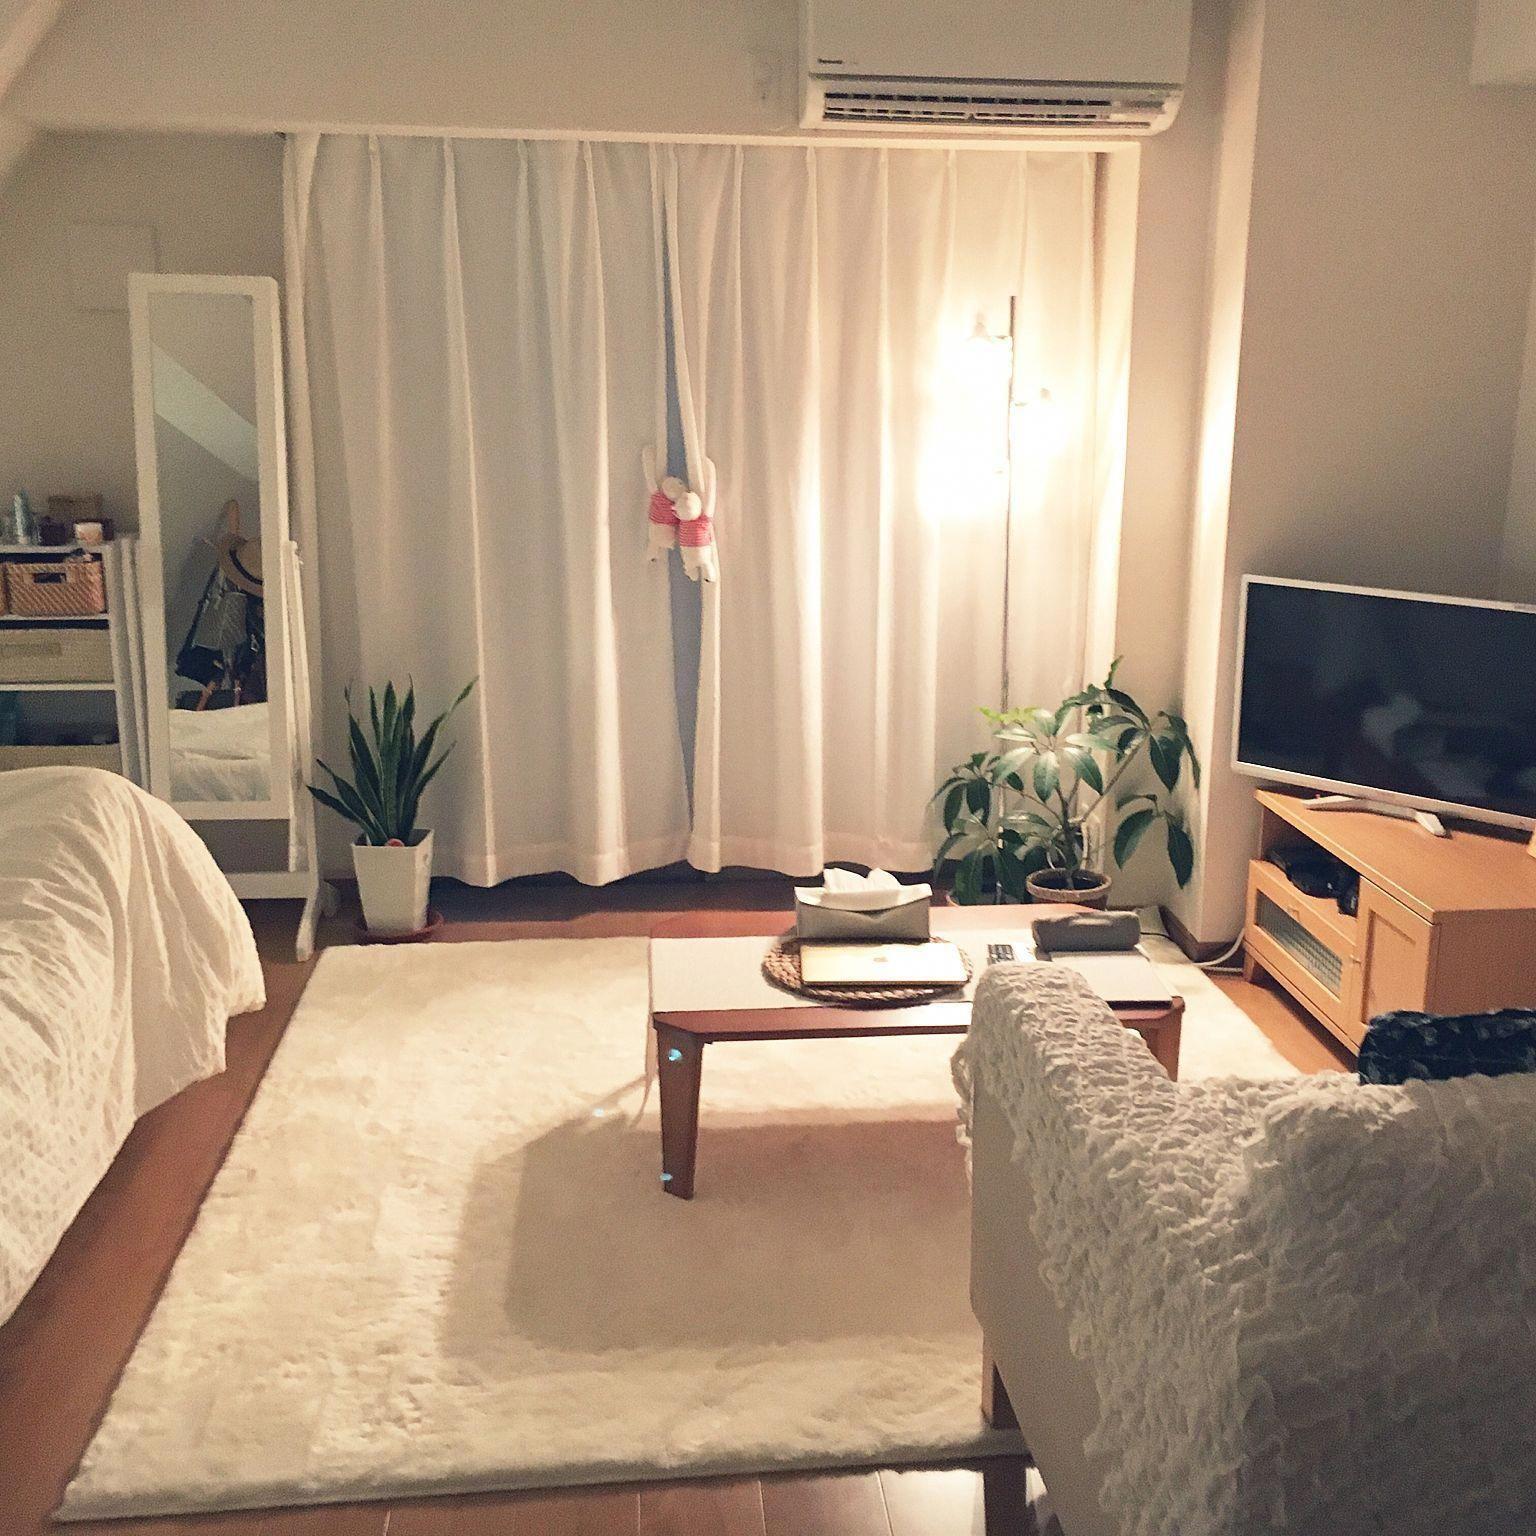 CommercialInteriorDesign Code: 12  Apartment design